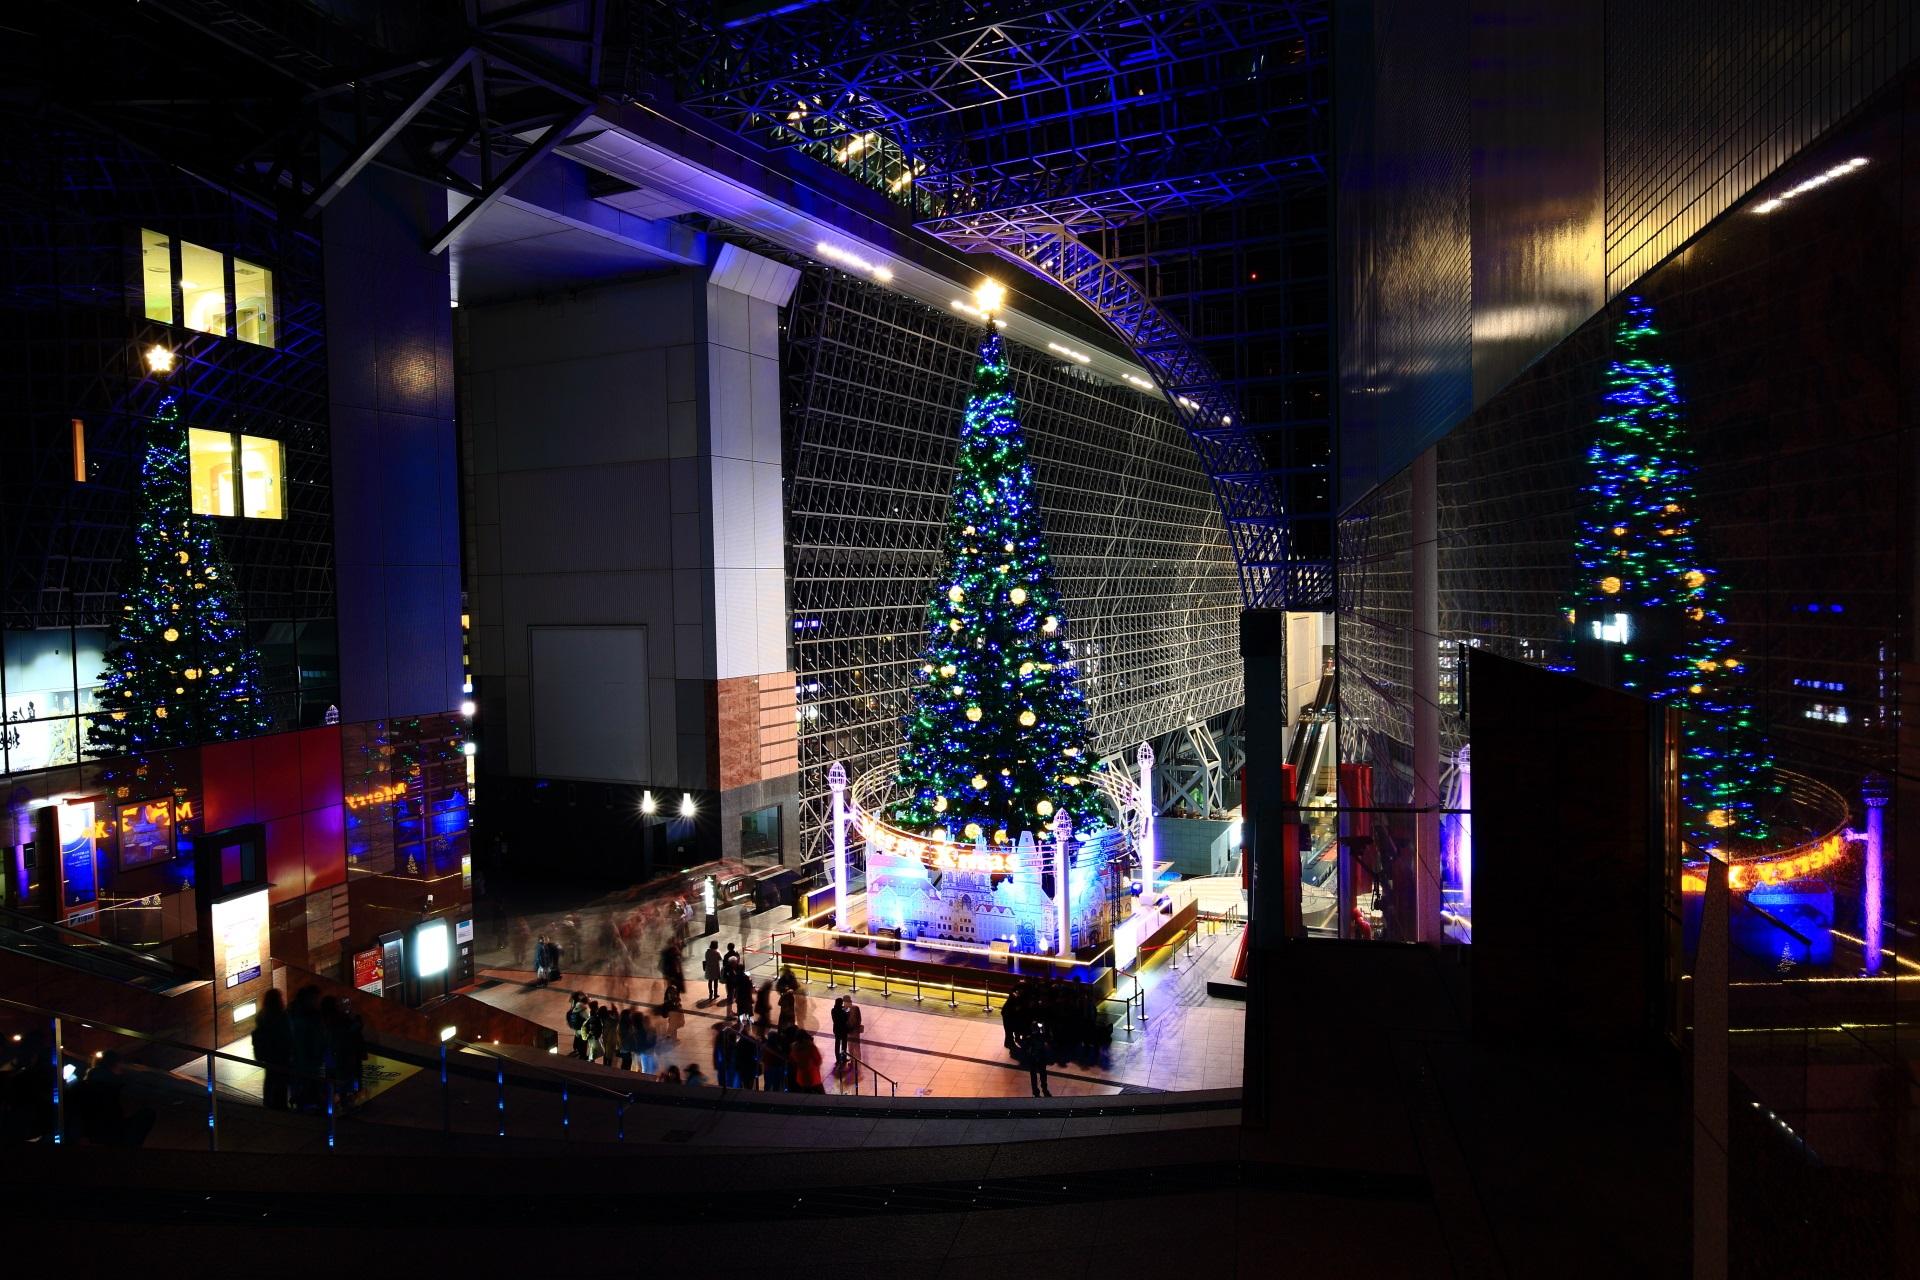 大階段から眺めた巨大クリスマスツリー